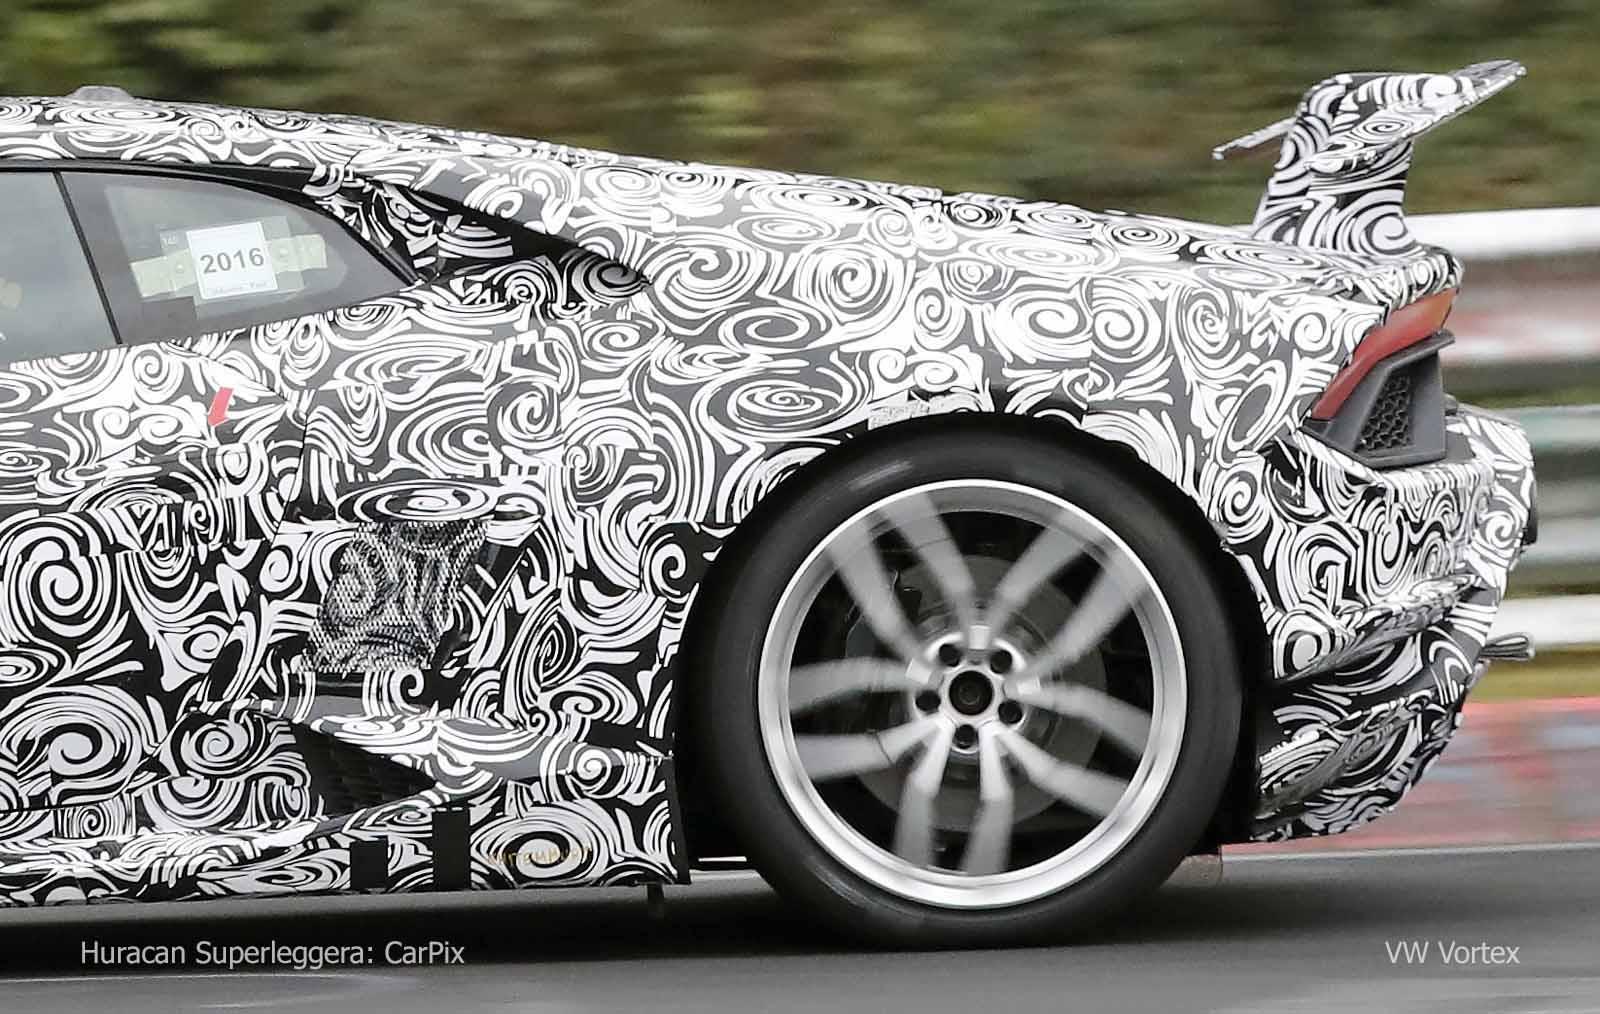 Audi Reveals A Sportback For US Market Fourtitudecom - Audi a5 sportback us